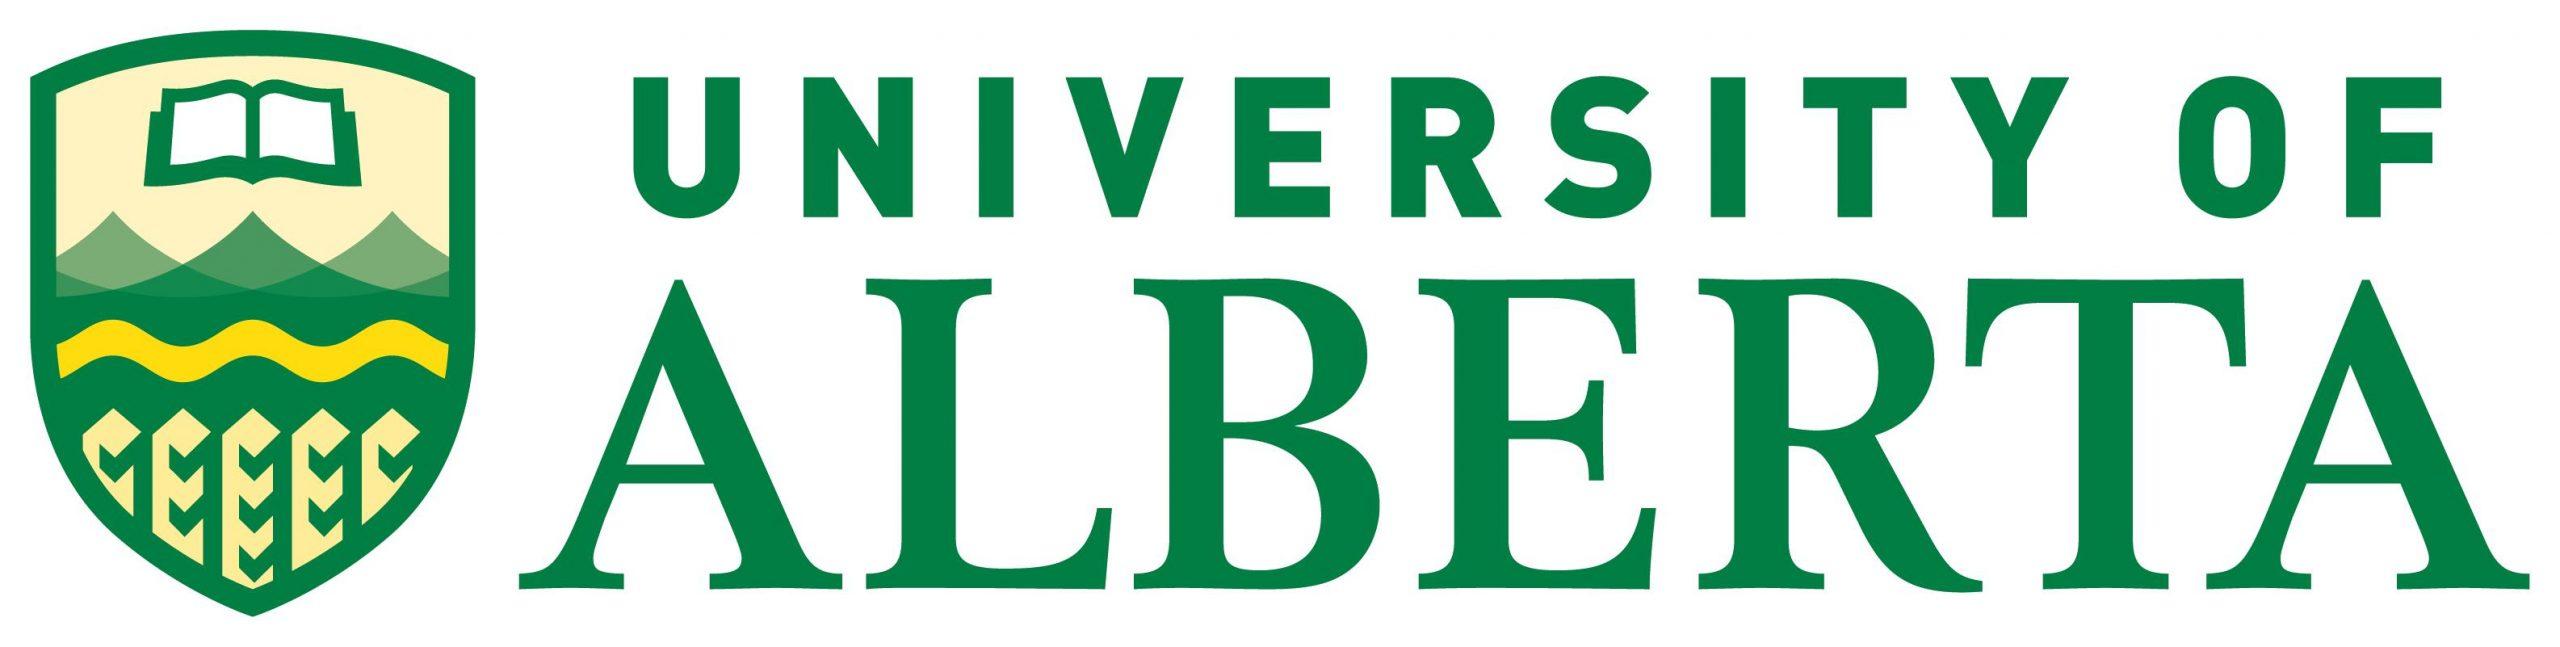 UofA color logo